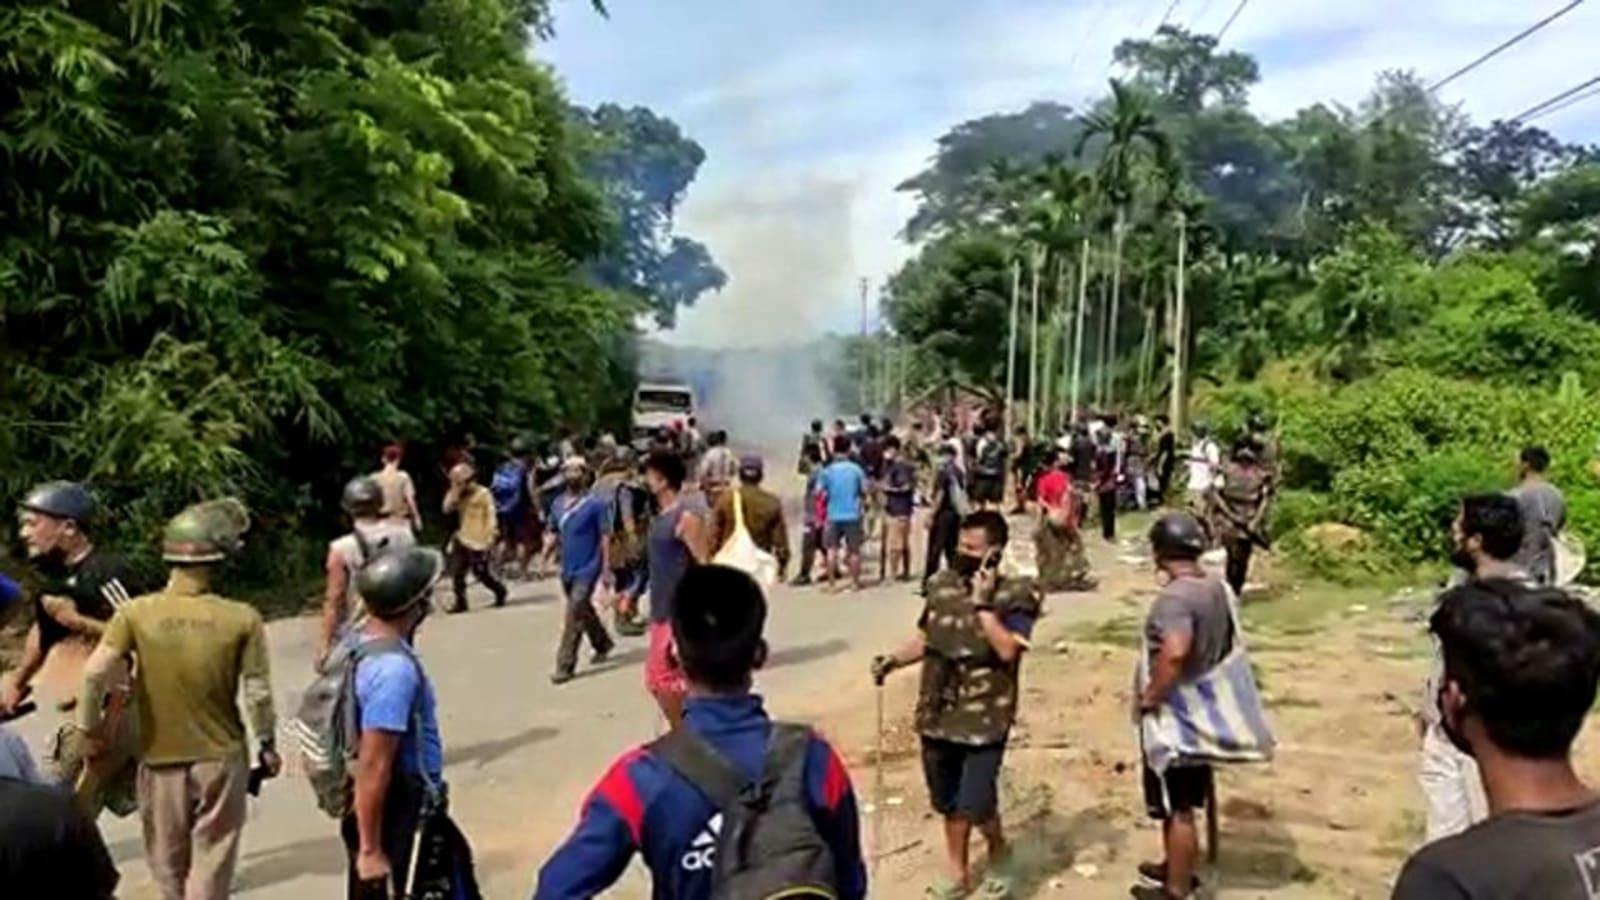 मिजोरम के कोलासिब जिले के वायरेंग्टे कस्बे में दोनों राज्यों के नागरिक और पुलिसकर्मी आमने-सामने आ गई।